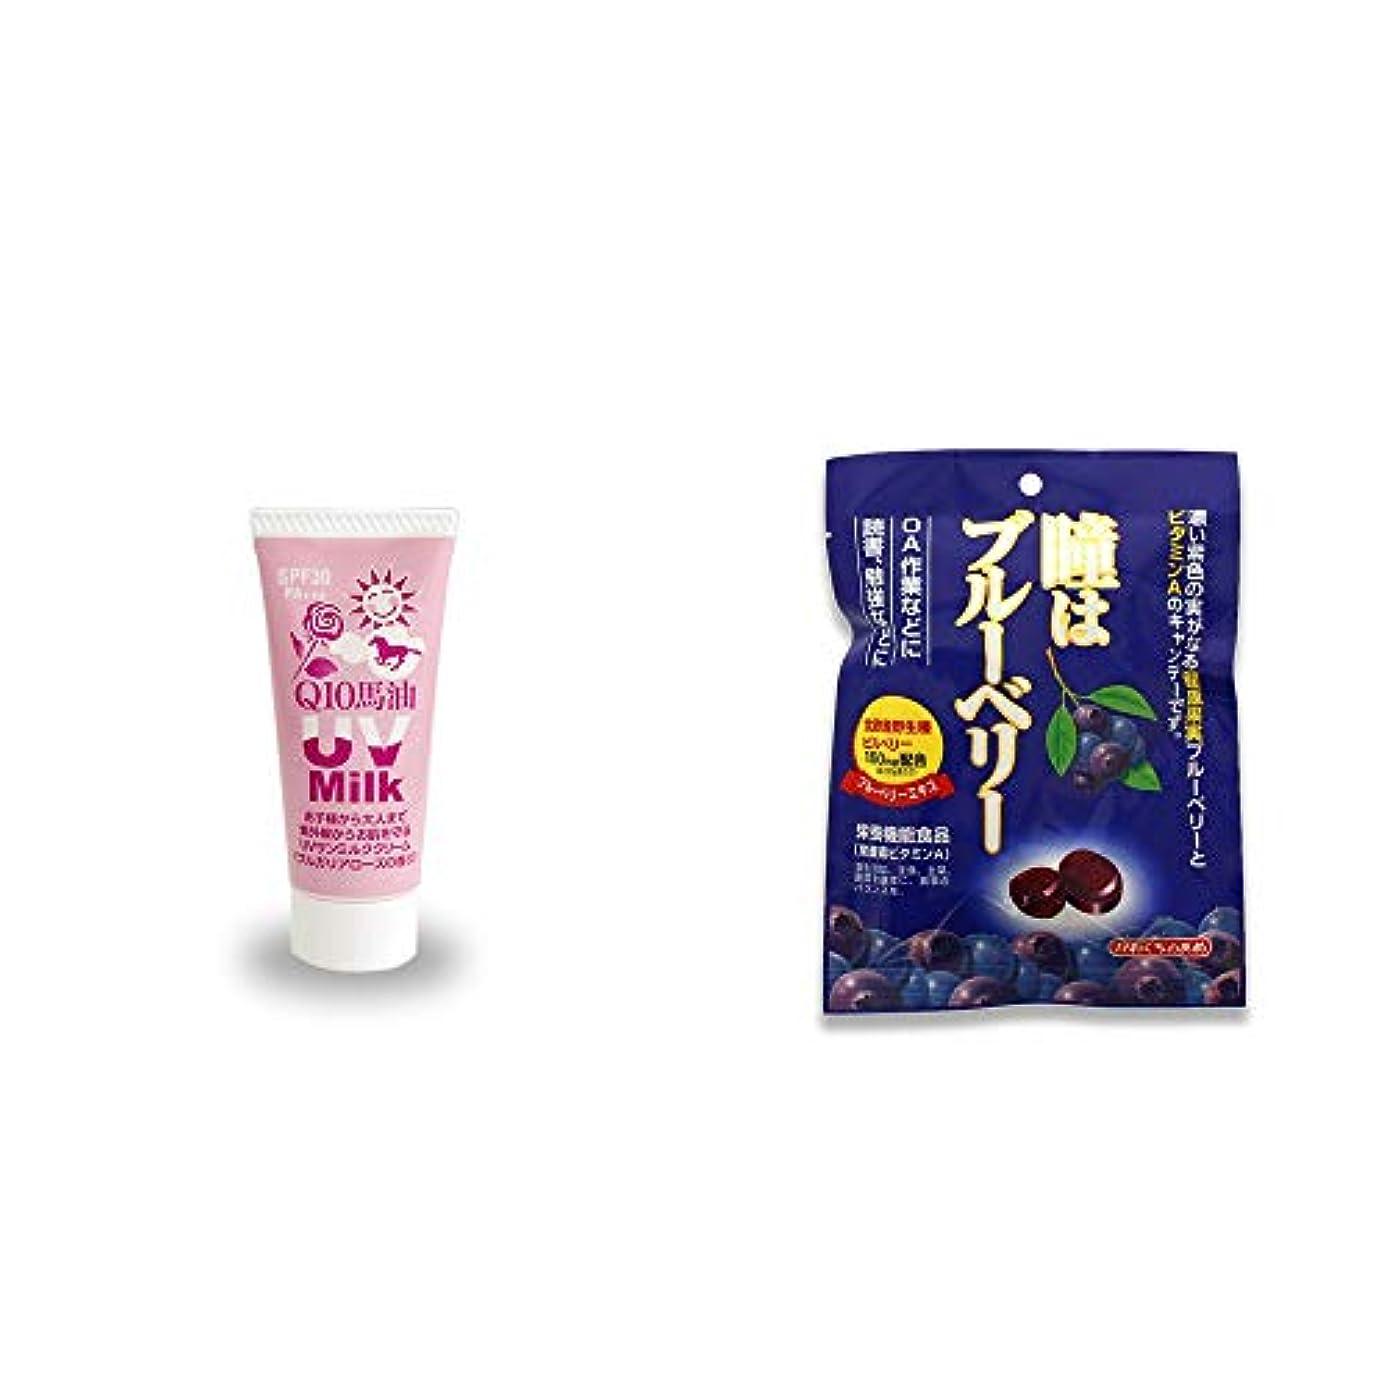 検出器防水甘味[2点セット] 炭黒泉 Q10馬油 UVサンミルク[ブルガリアローズ](40g)?瞳はブルーベリー 健康機能食品[ビタミンA](100g)